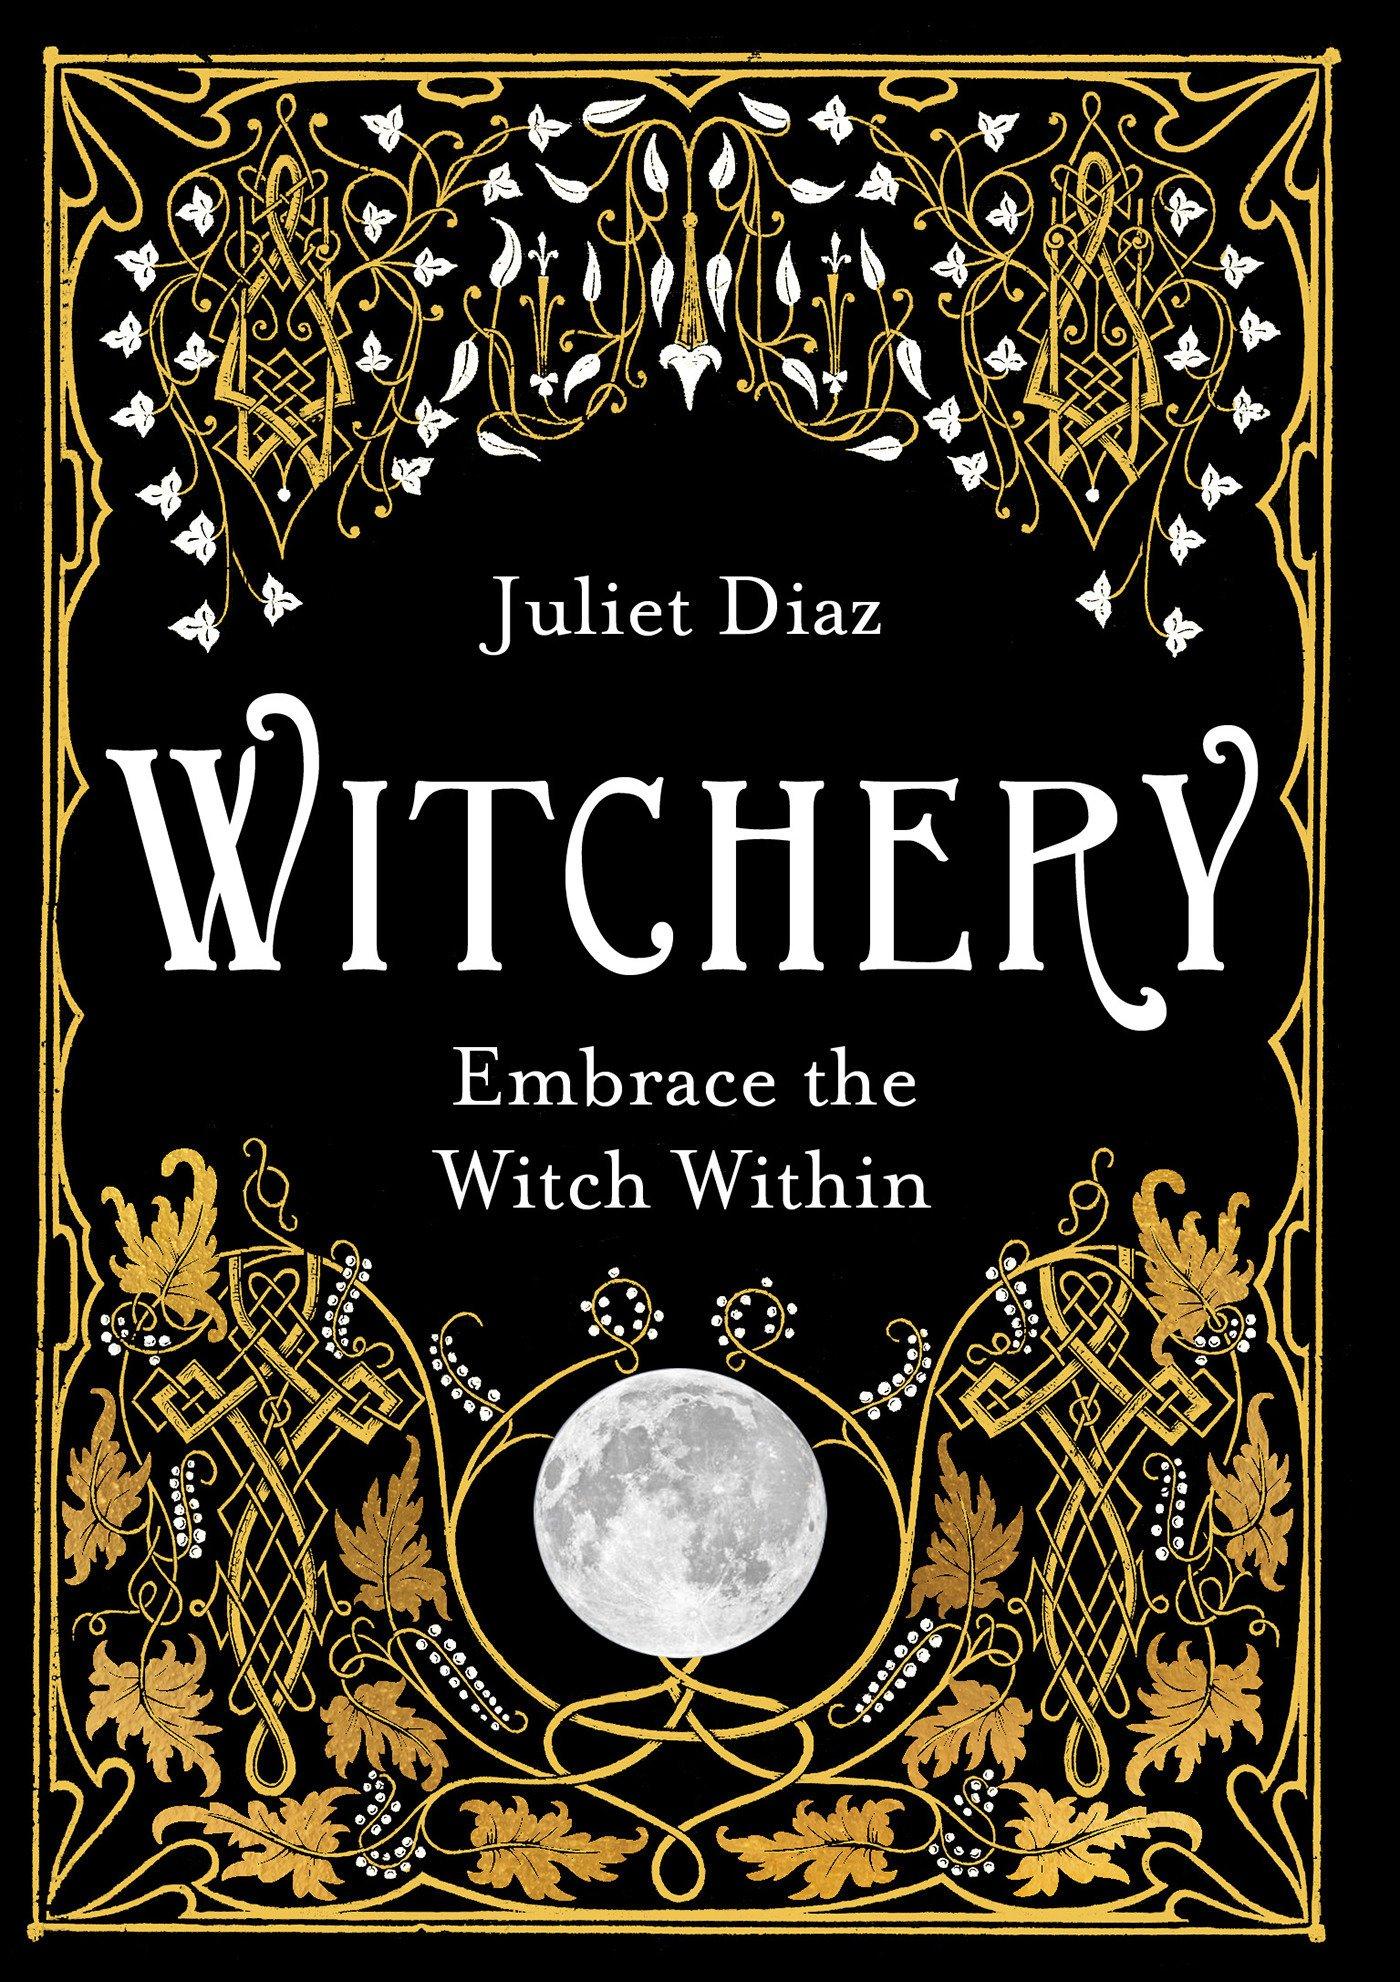 Witchery Juliet Diaz product image